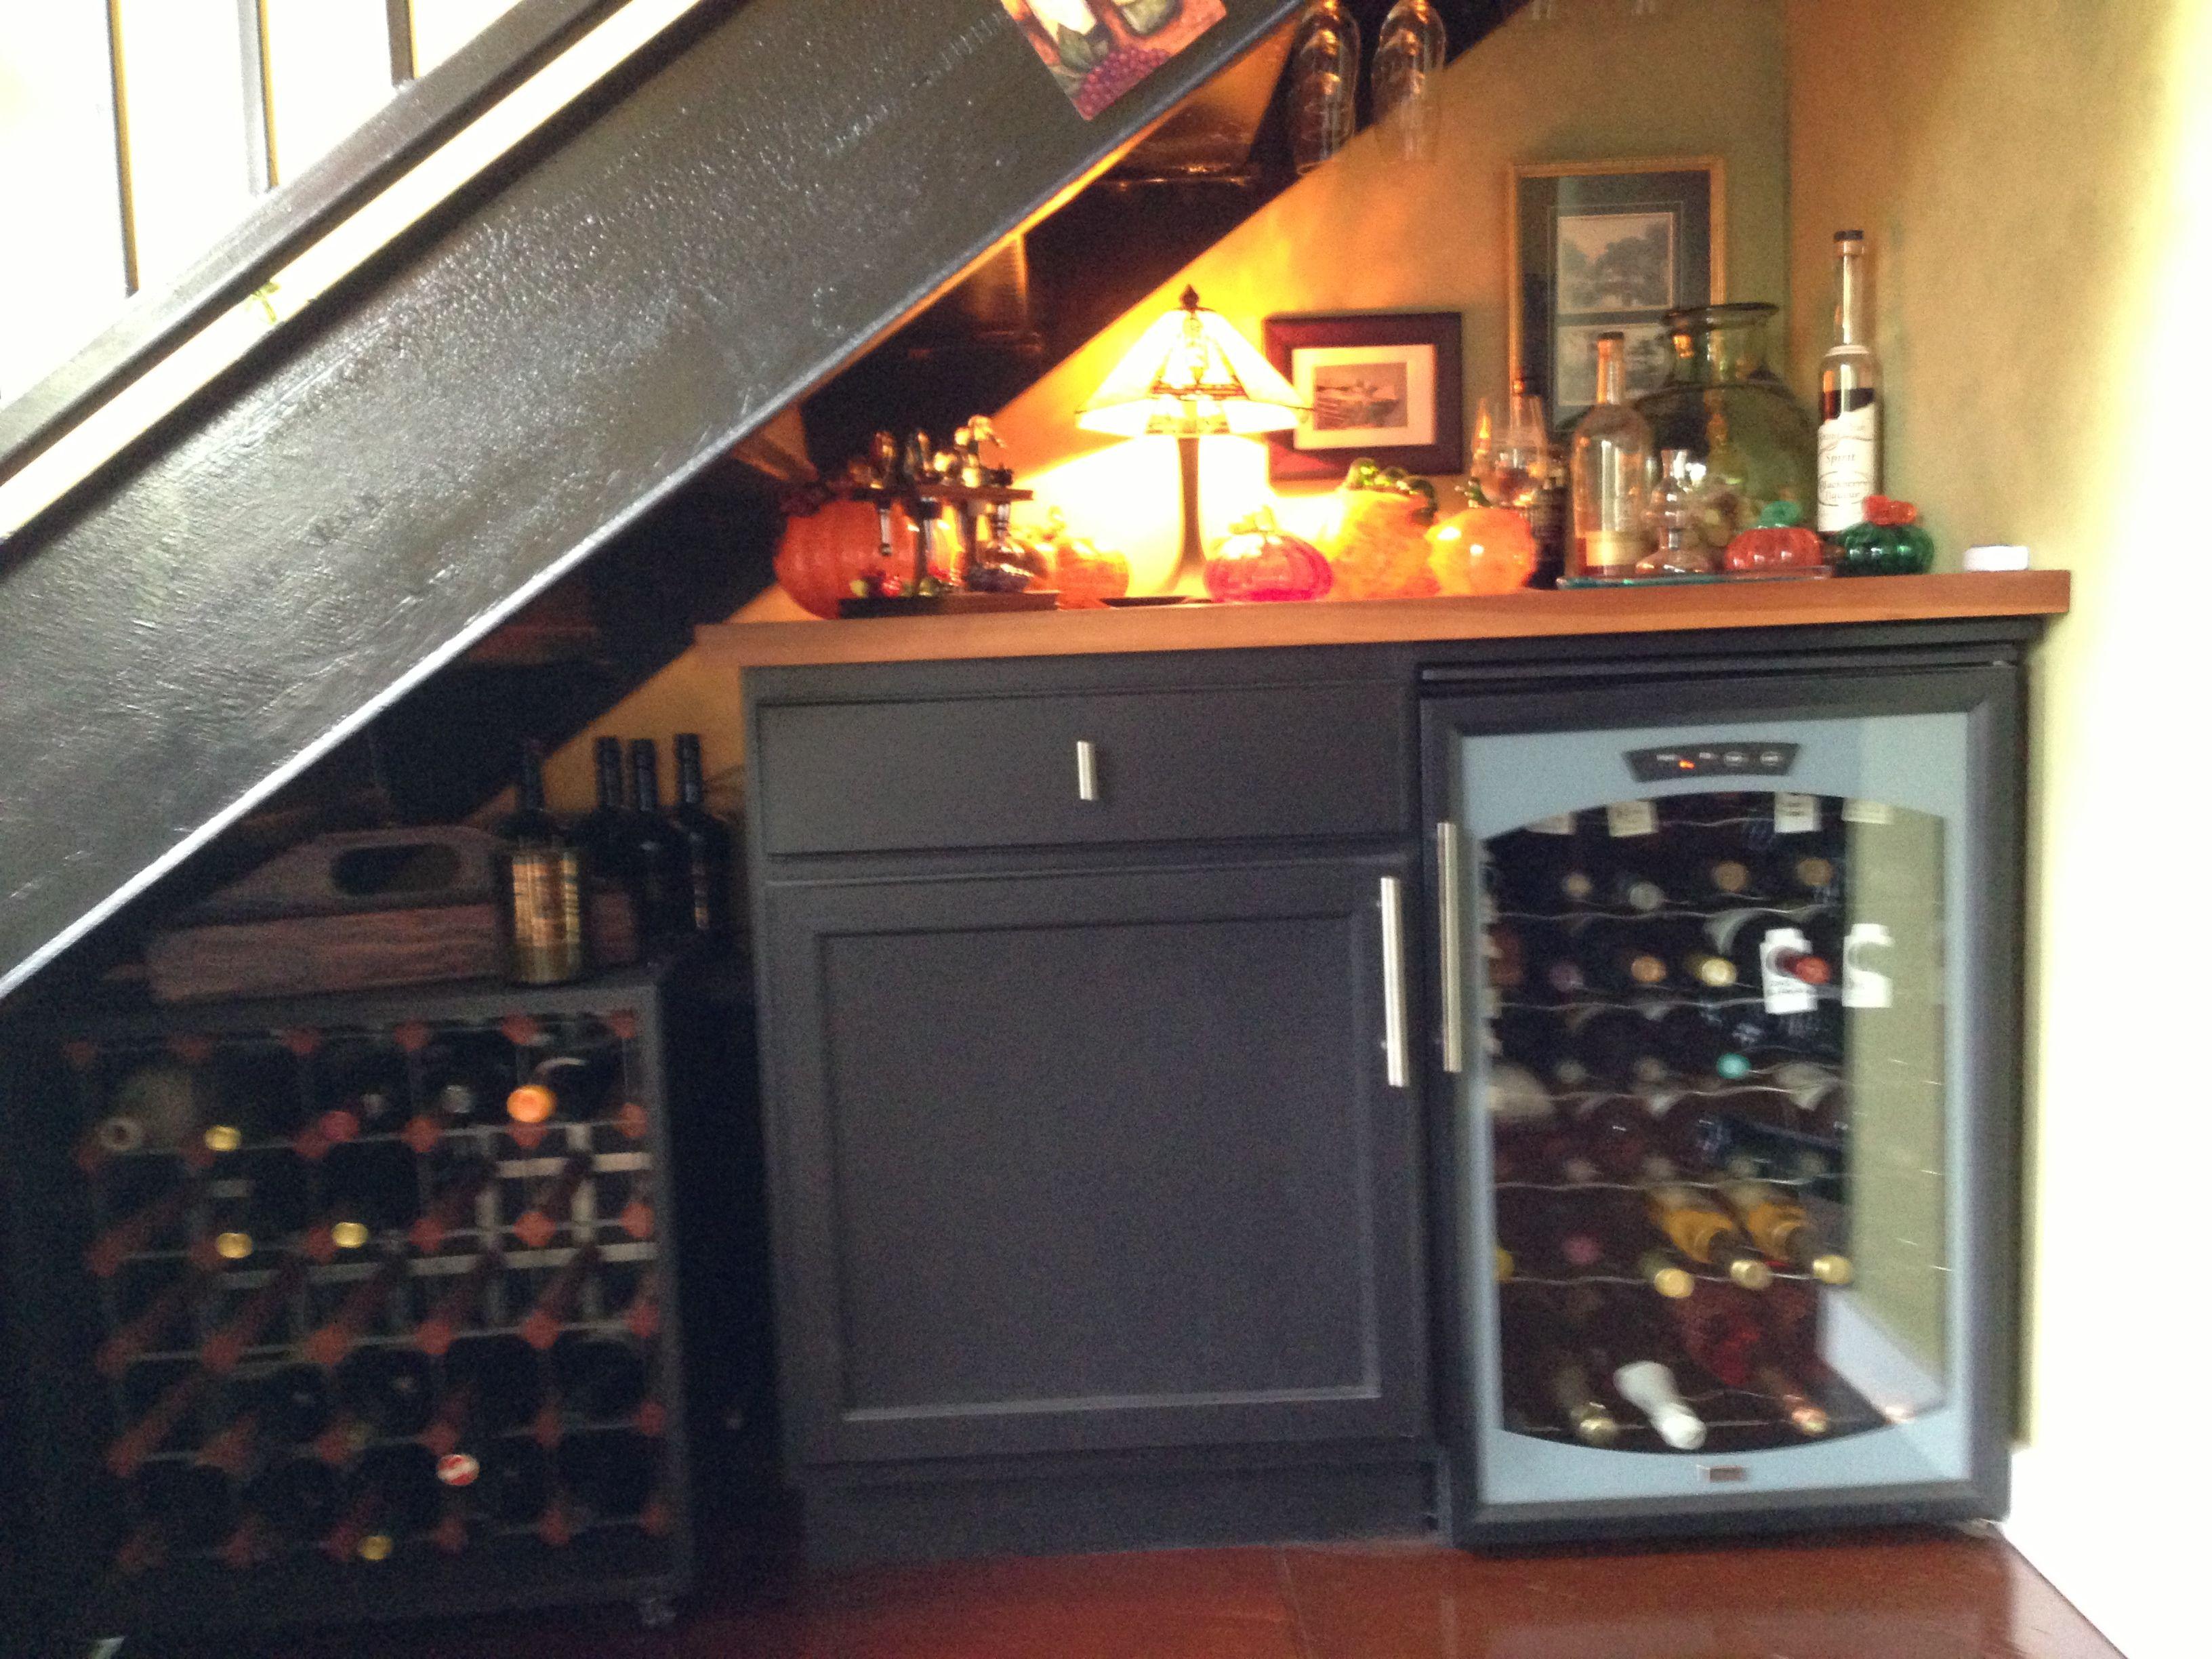 Wine Bar Under My Stairs Used A Stock Base Cabinet Which I Painted With Black Enamel Th Planes De Diseno Para El Hogar Estantes De Vino Diseno Para El Hogar